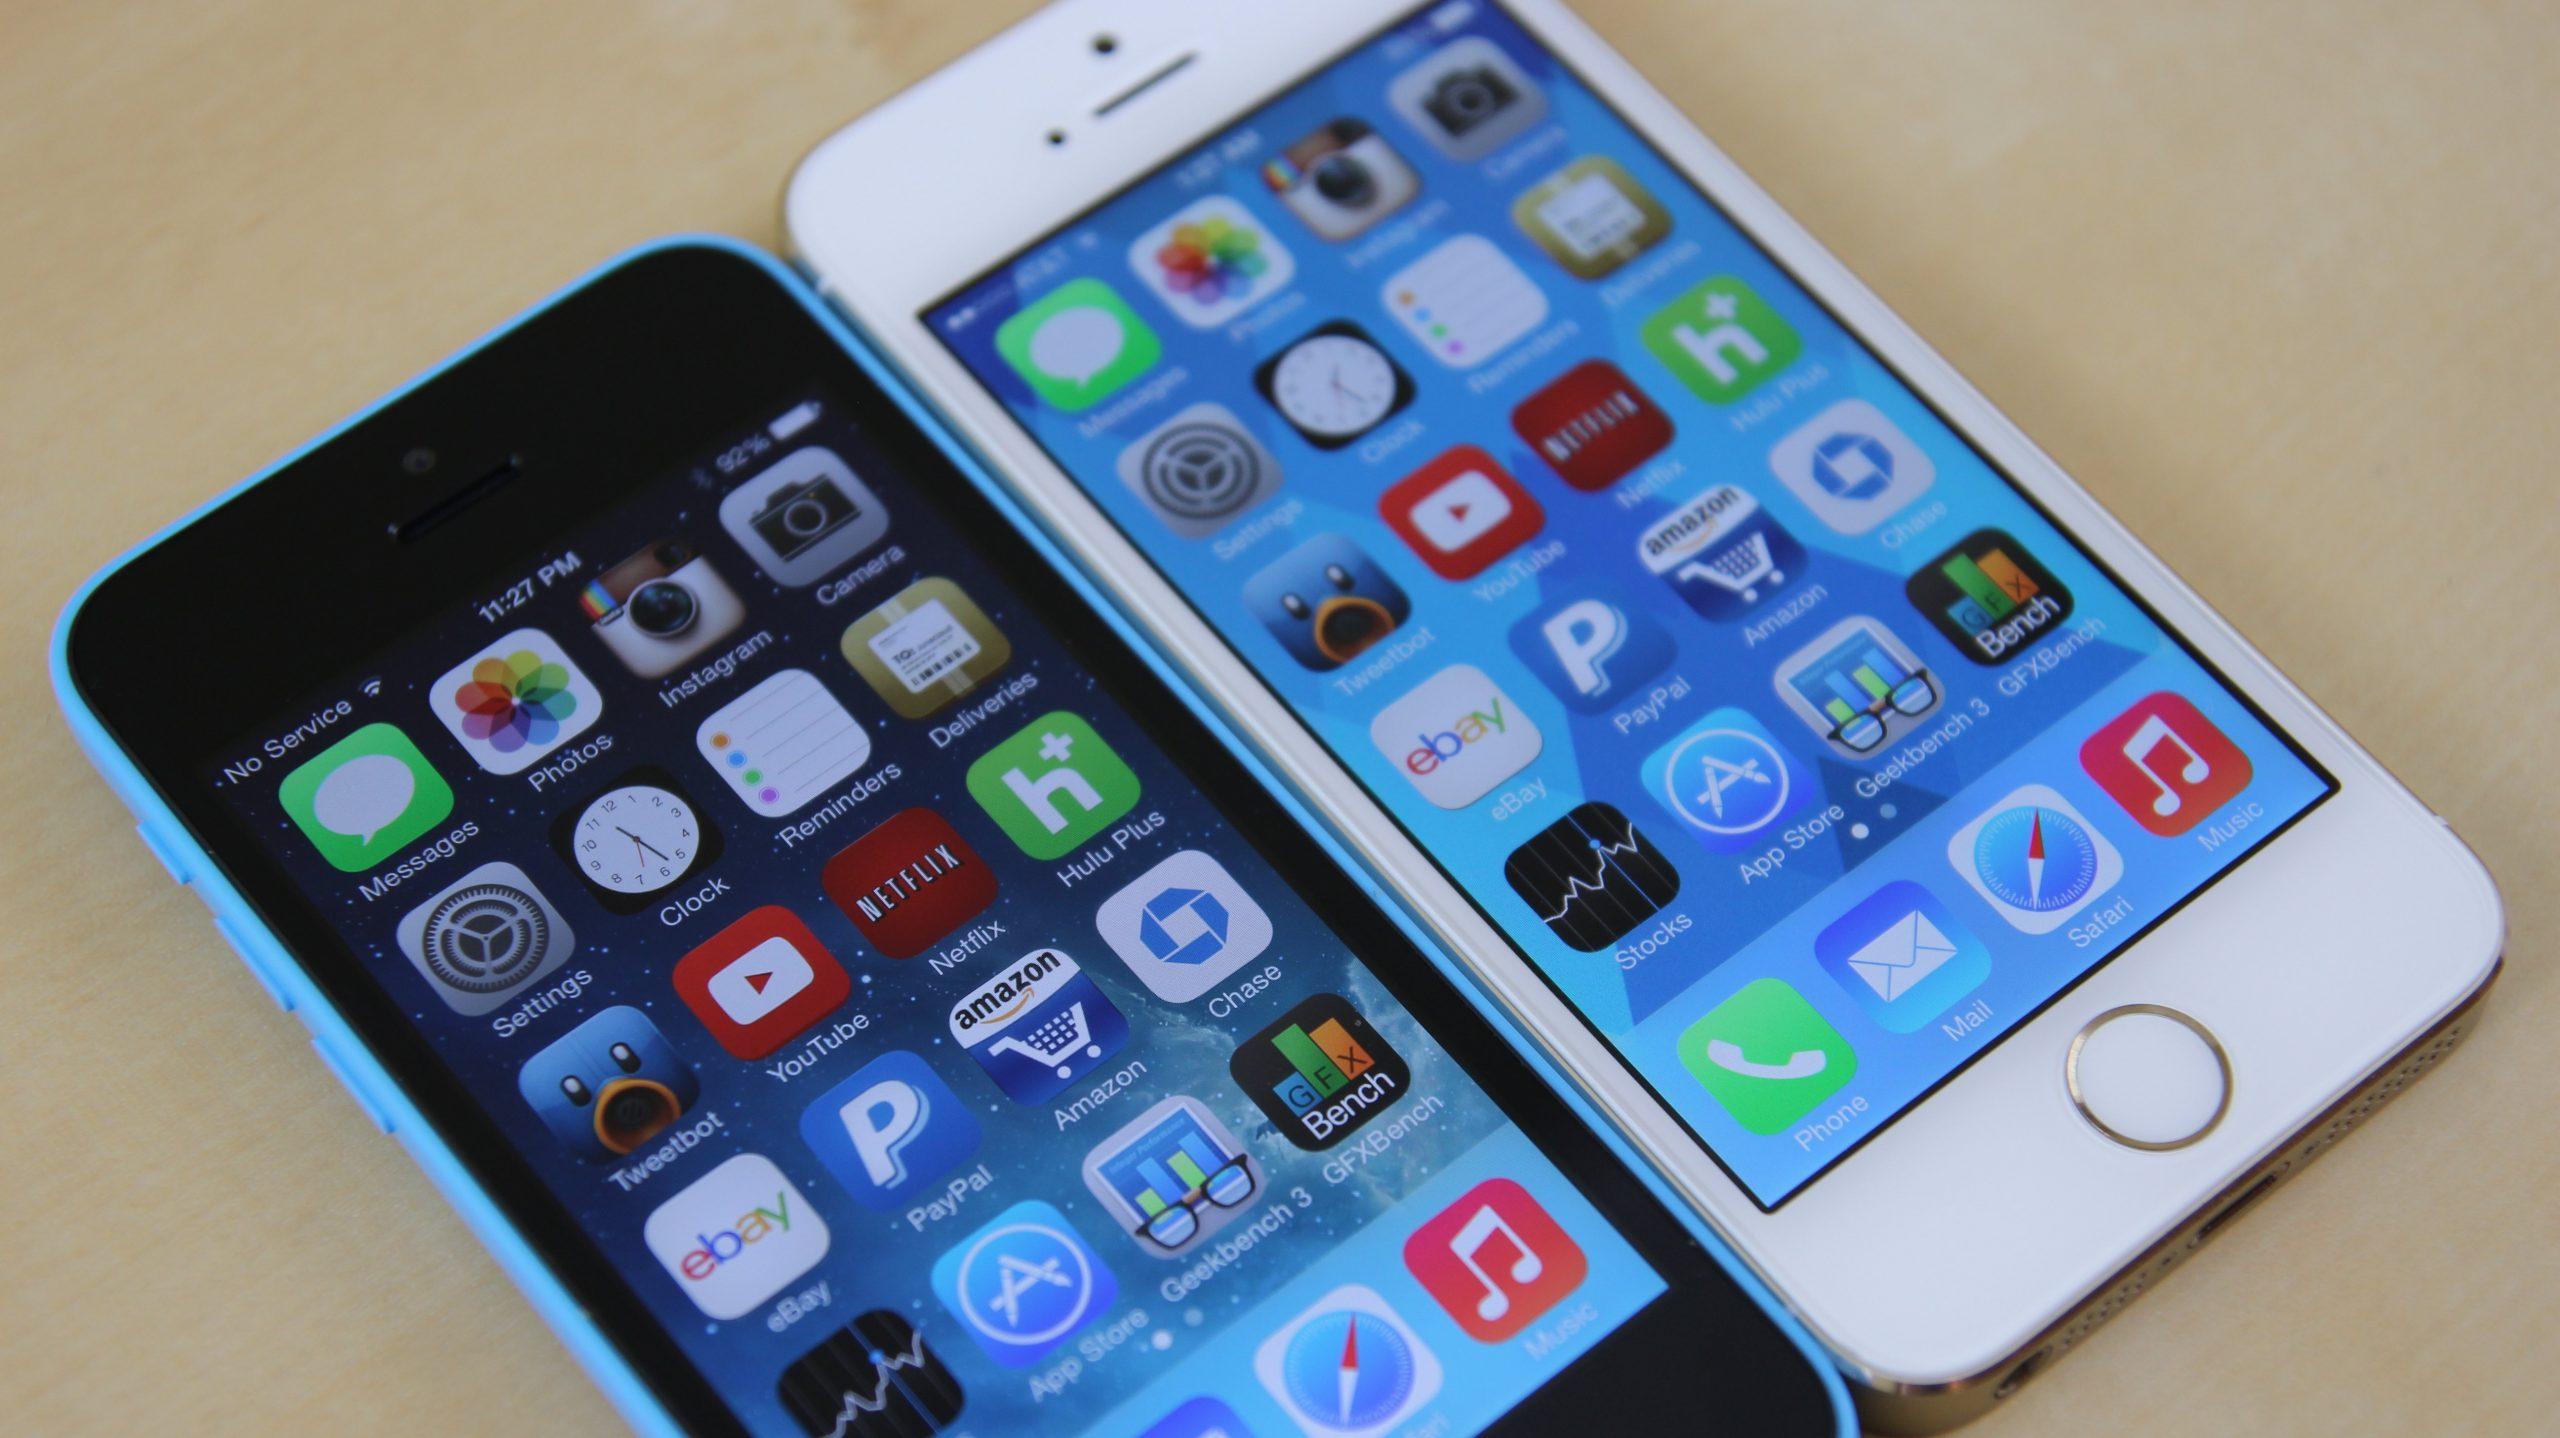 iphone5s iphone5c scaled